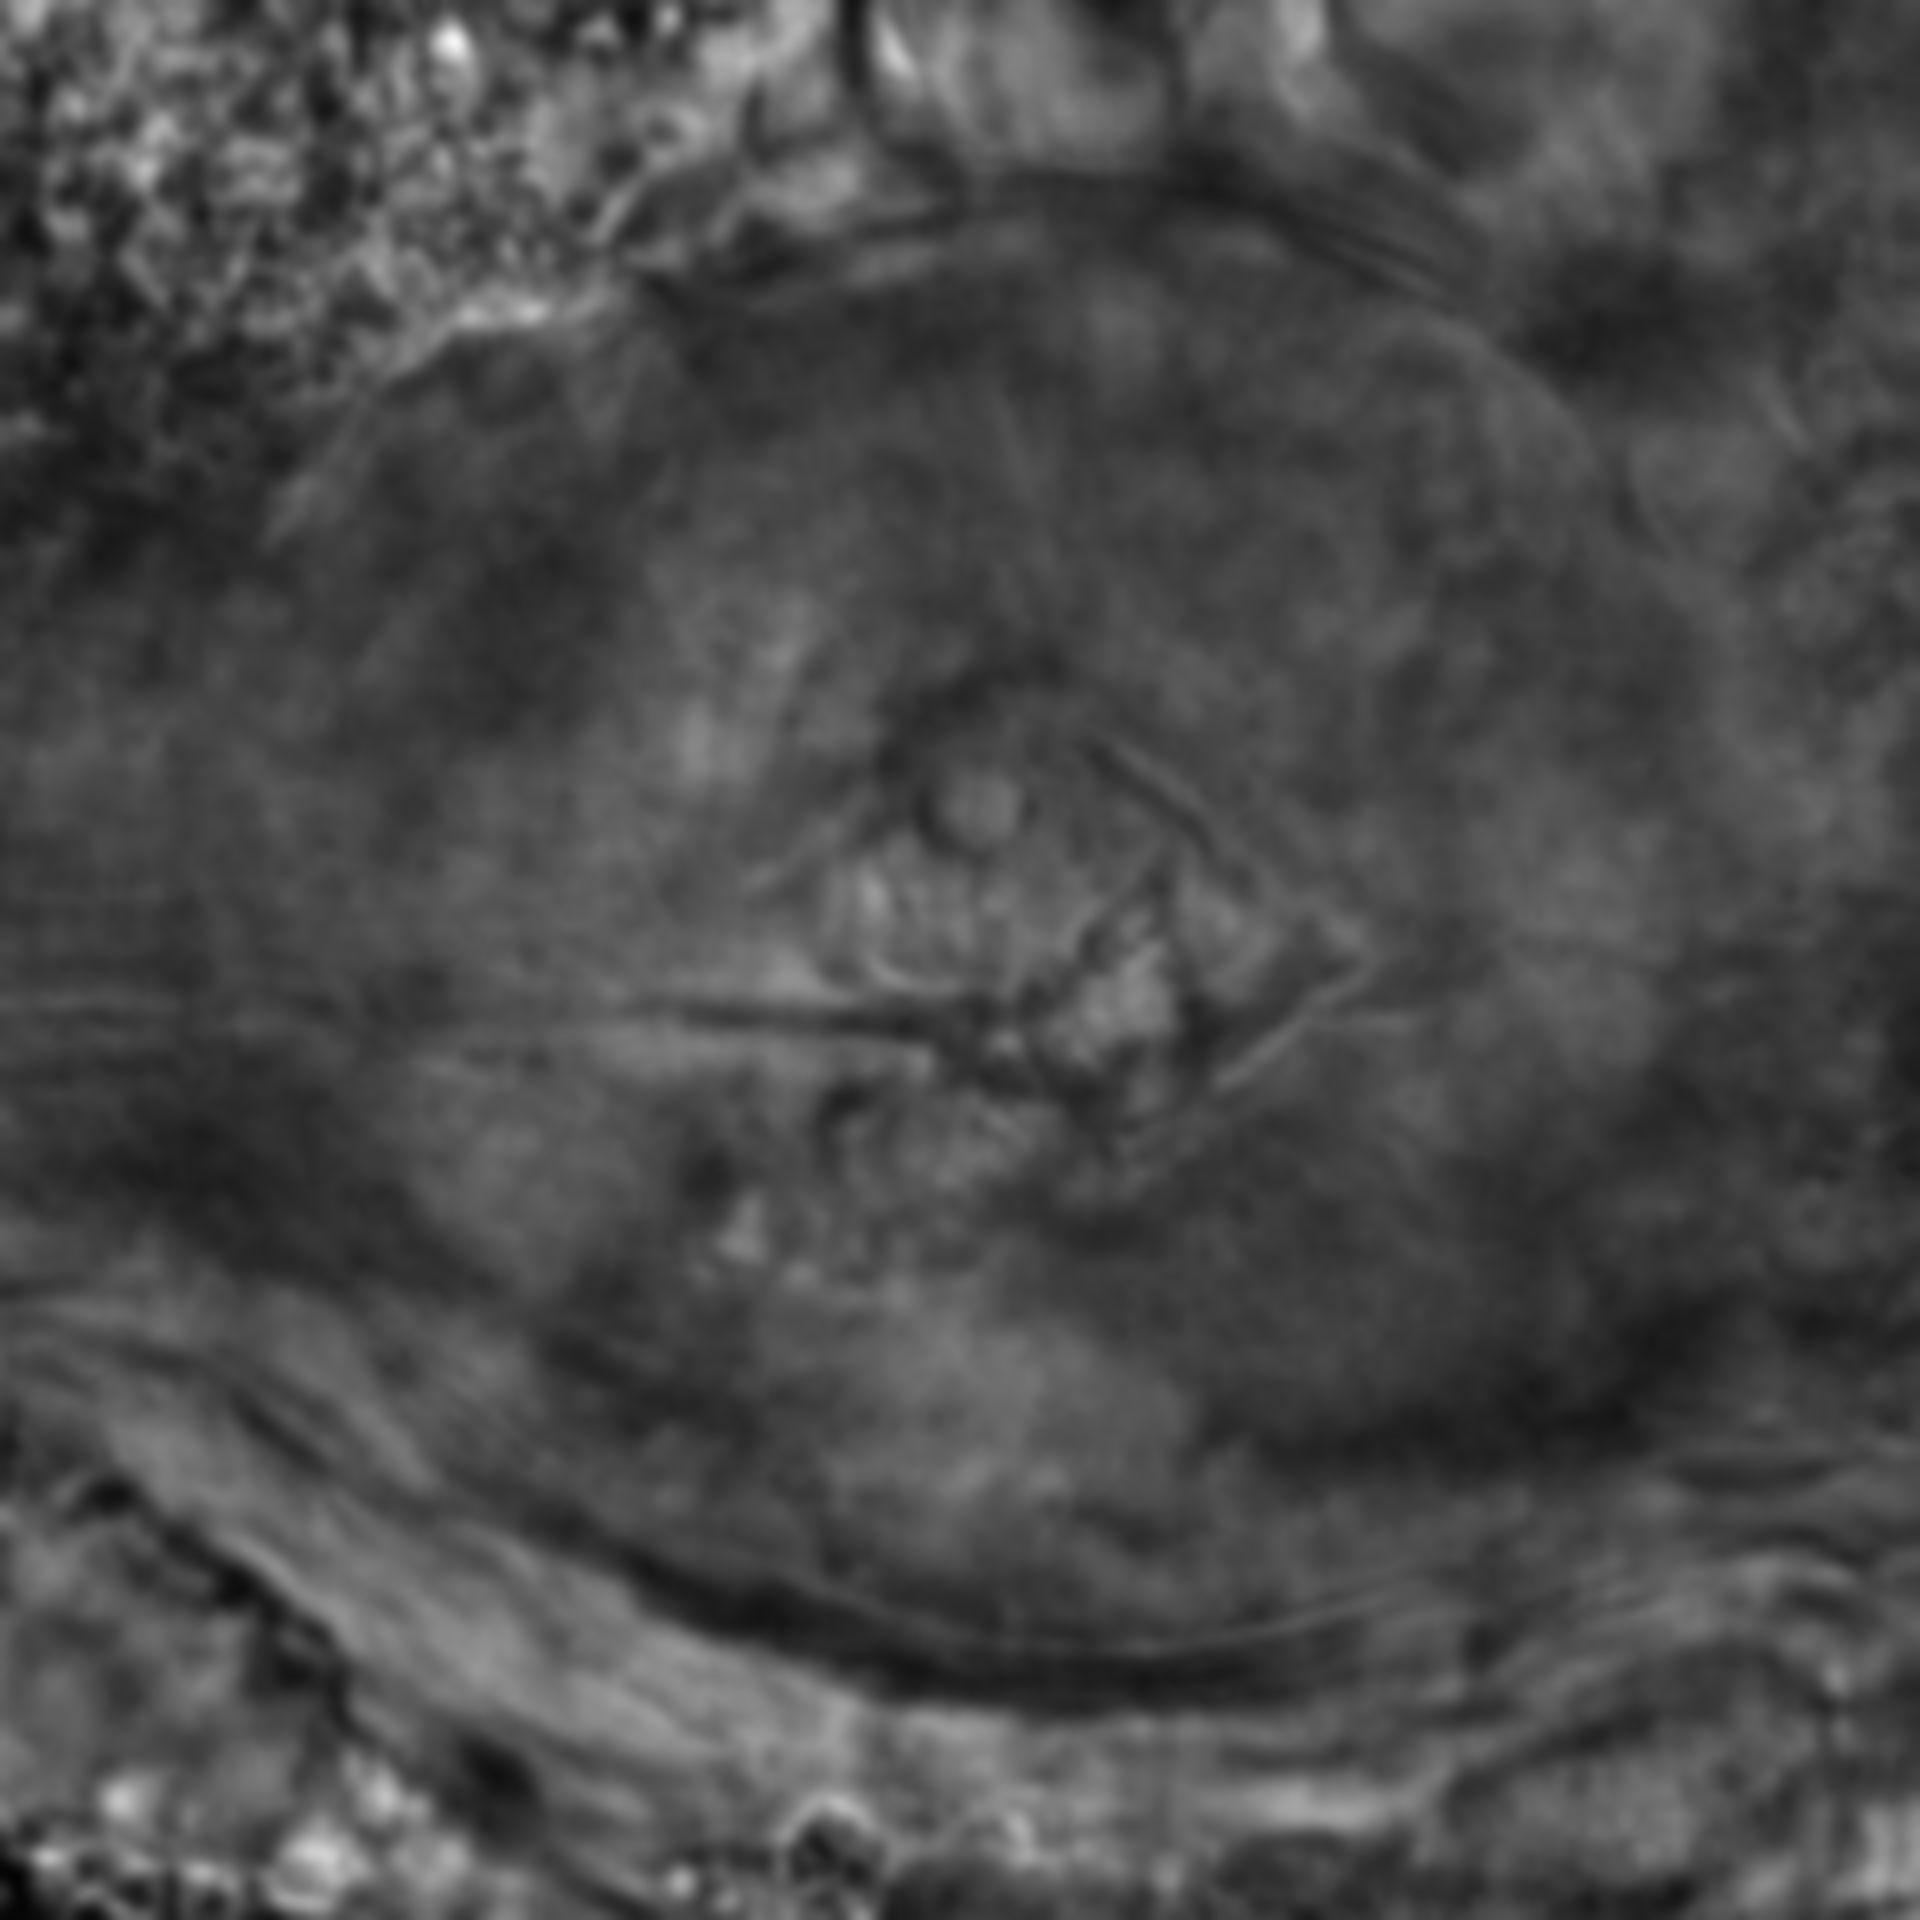 Caenorhabditis elegans - CIL:2254